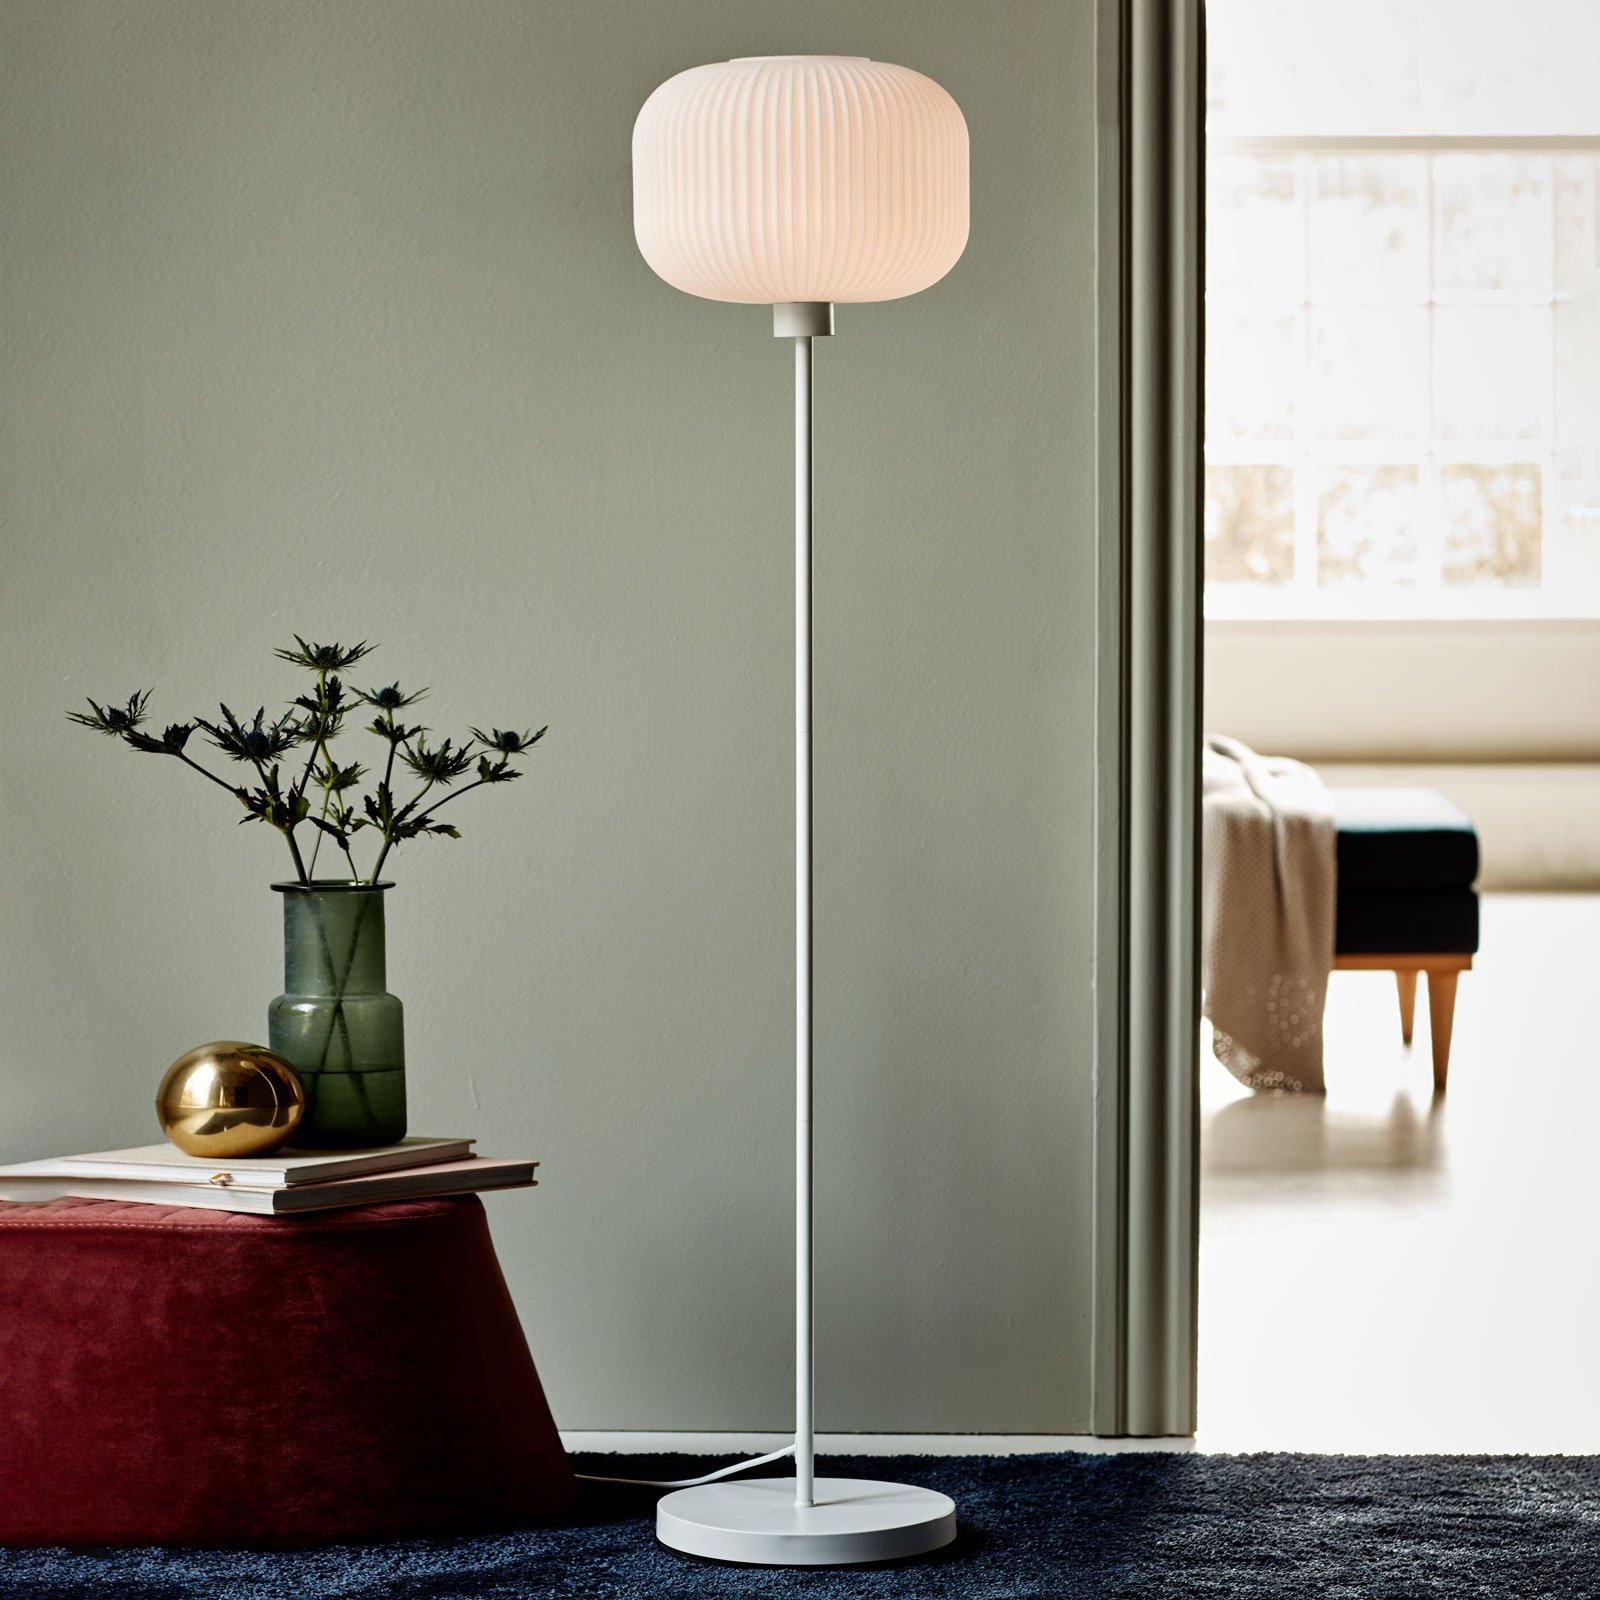 Gulvlampe Milford med hvit skjerm av glass